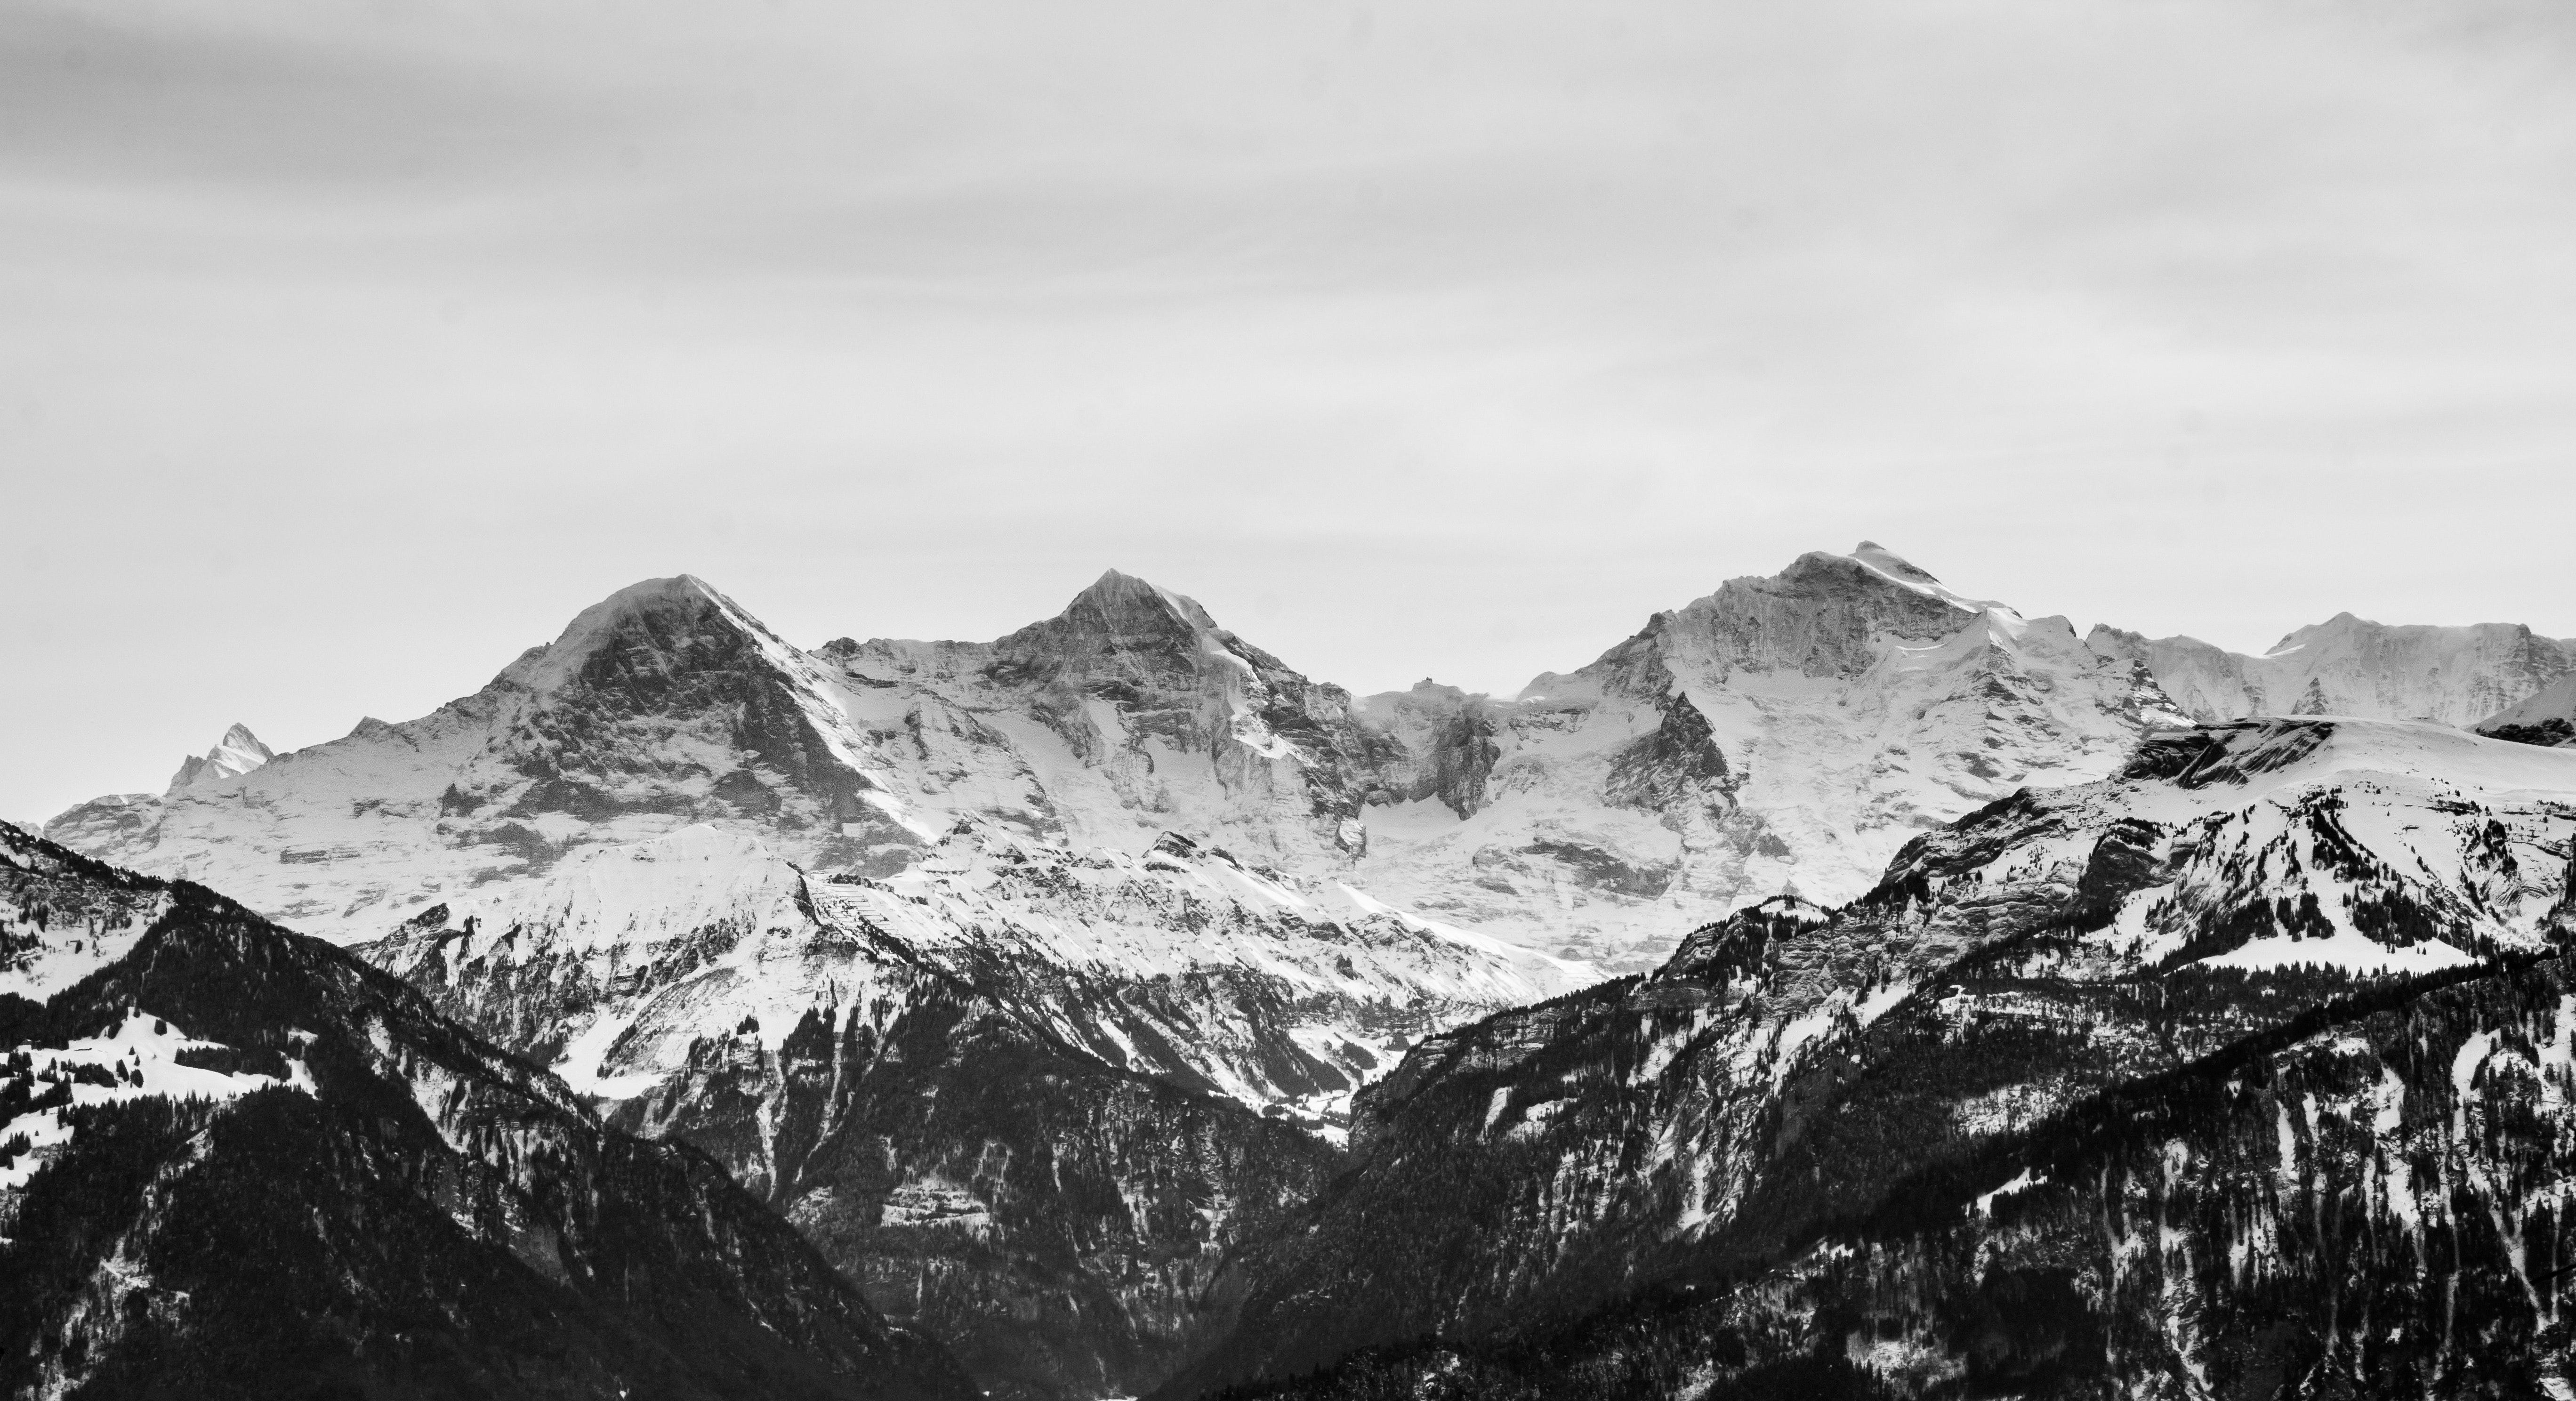 Mountains with white snow pixabay